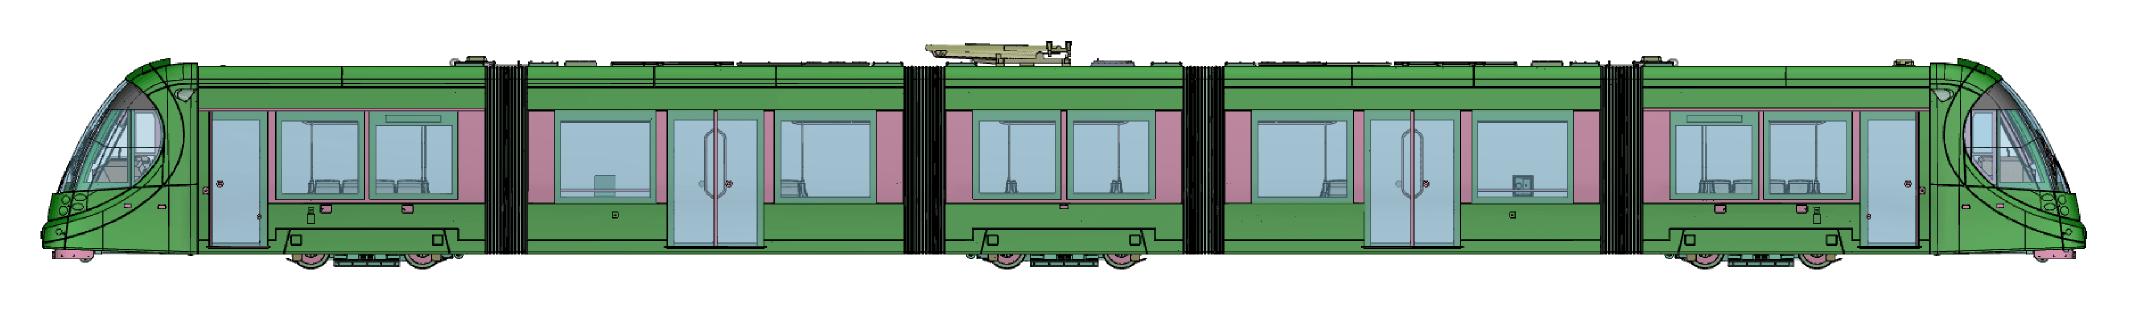 CAF Urbos 3 LRV Unit 001 5